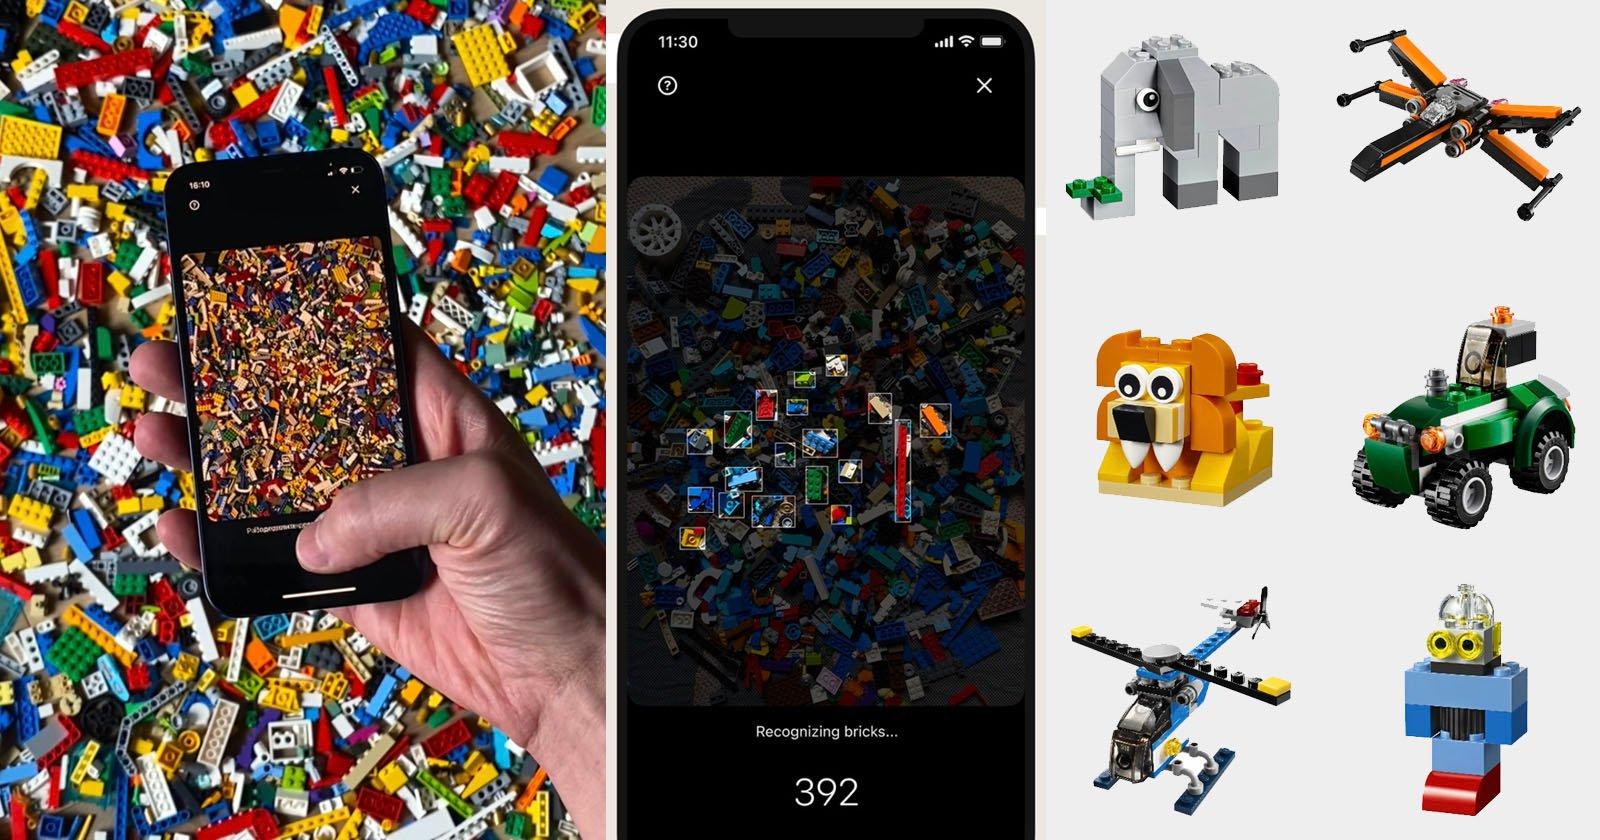 La fotocamera AI di Brickit scansiona i tuoi LEGO per suggerire cose che puoi costruire